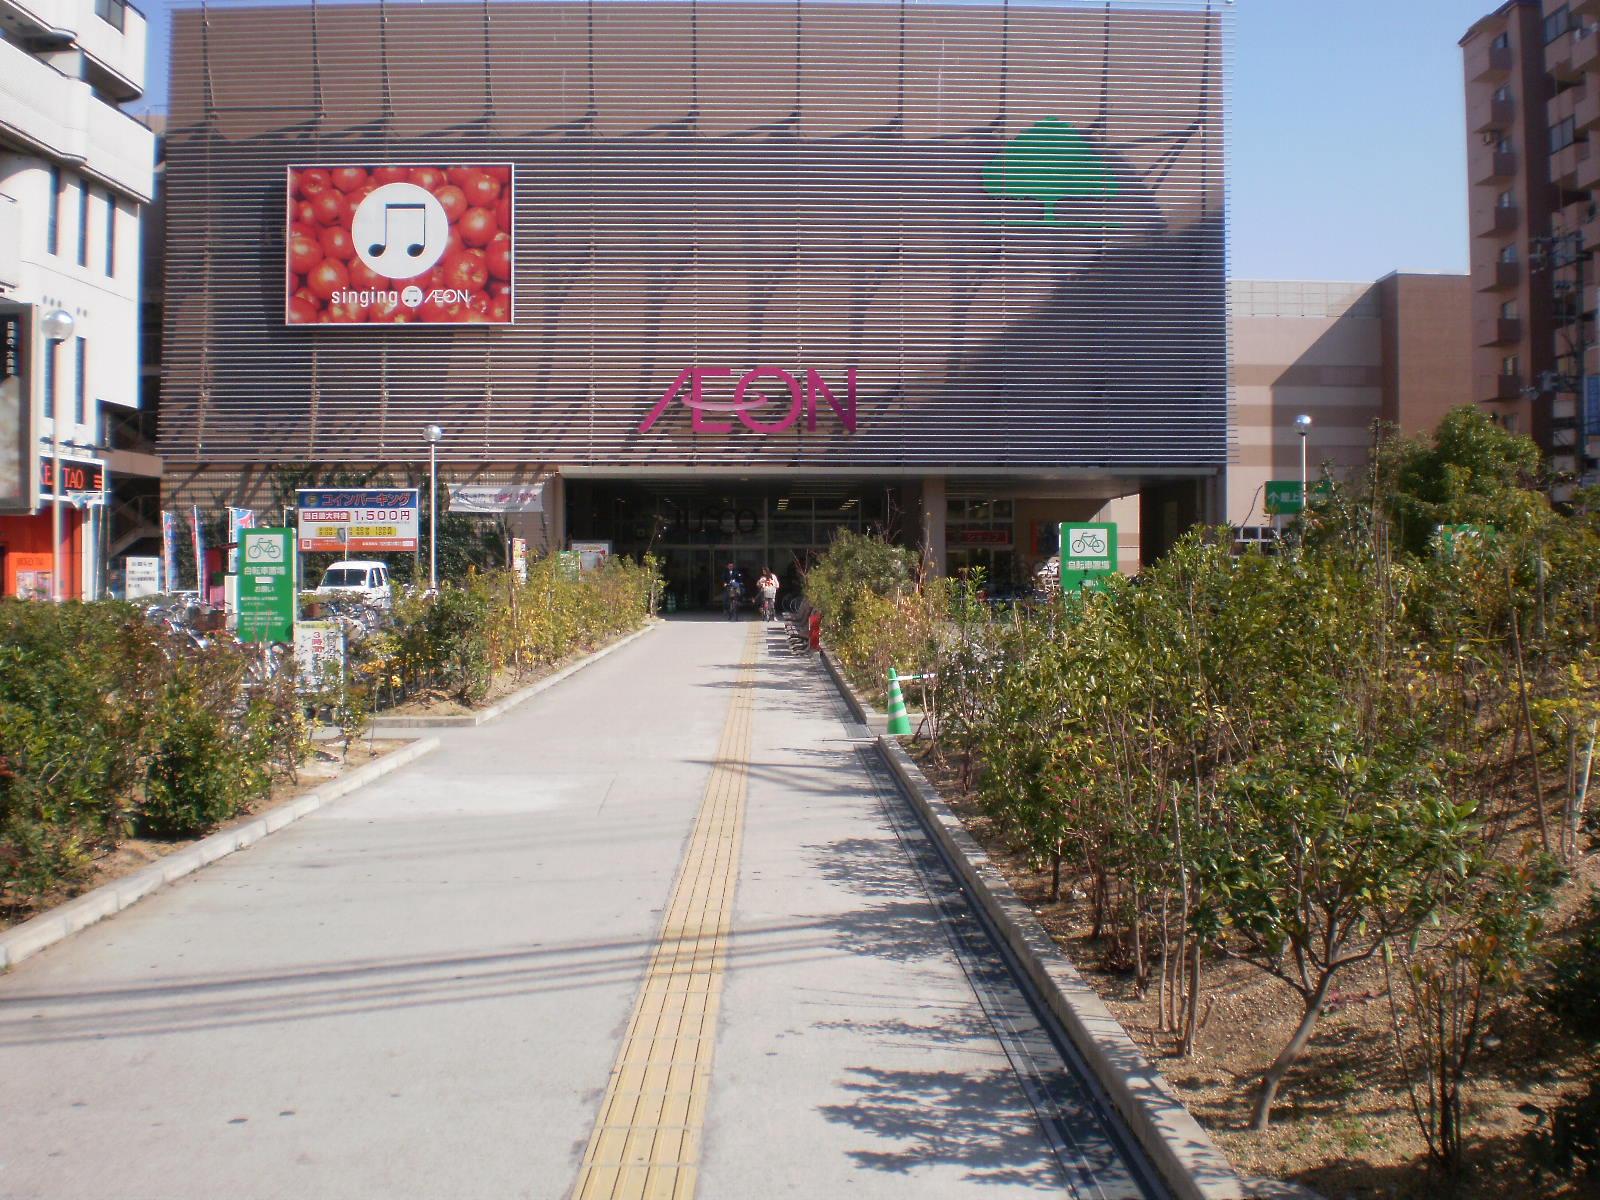 ショッピングセンター イオン喜連瓜破ショッピングセンター(ショッピングセンター)まで648m